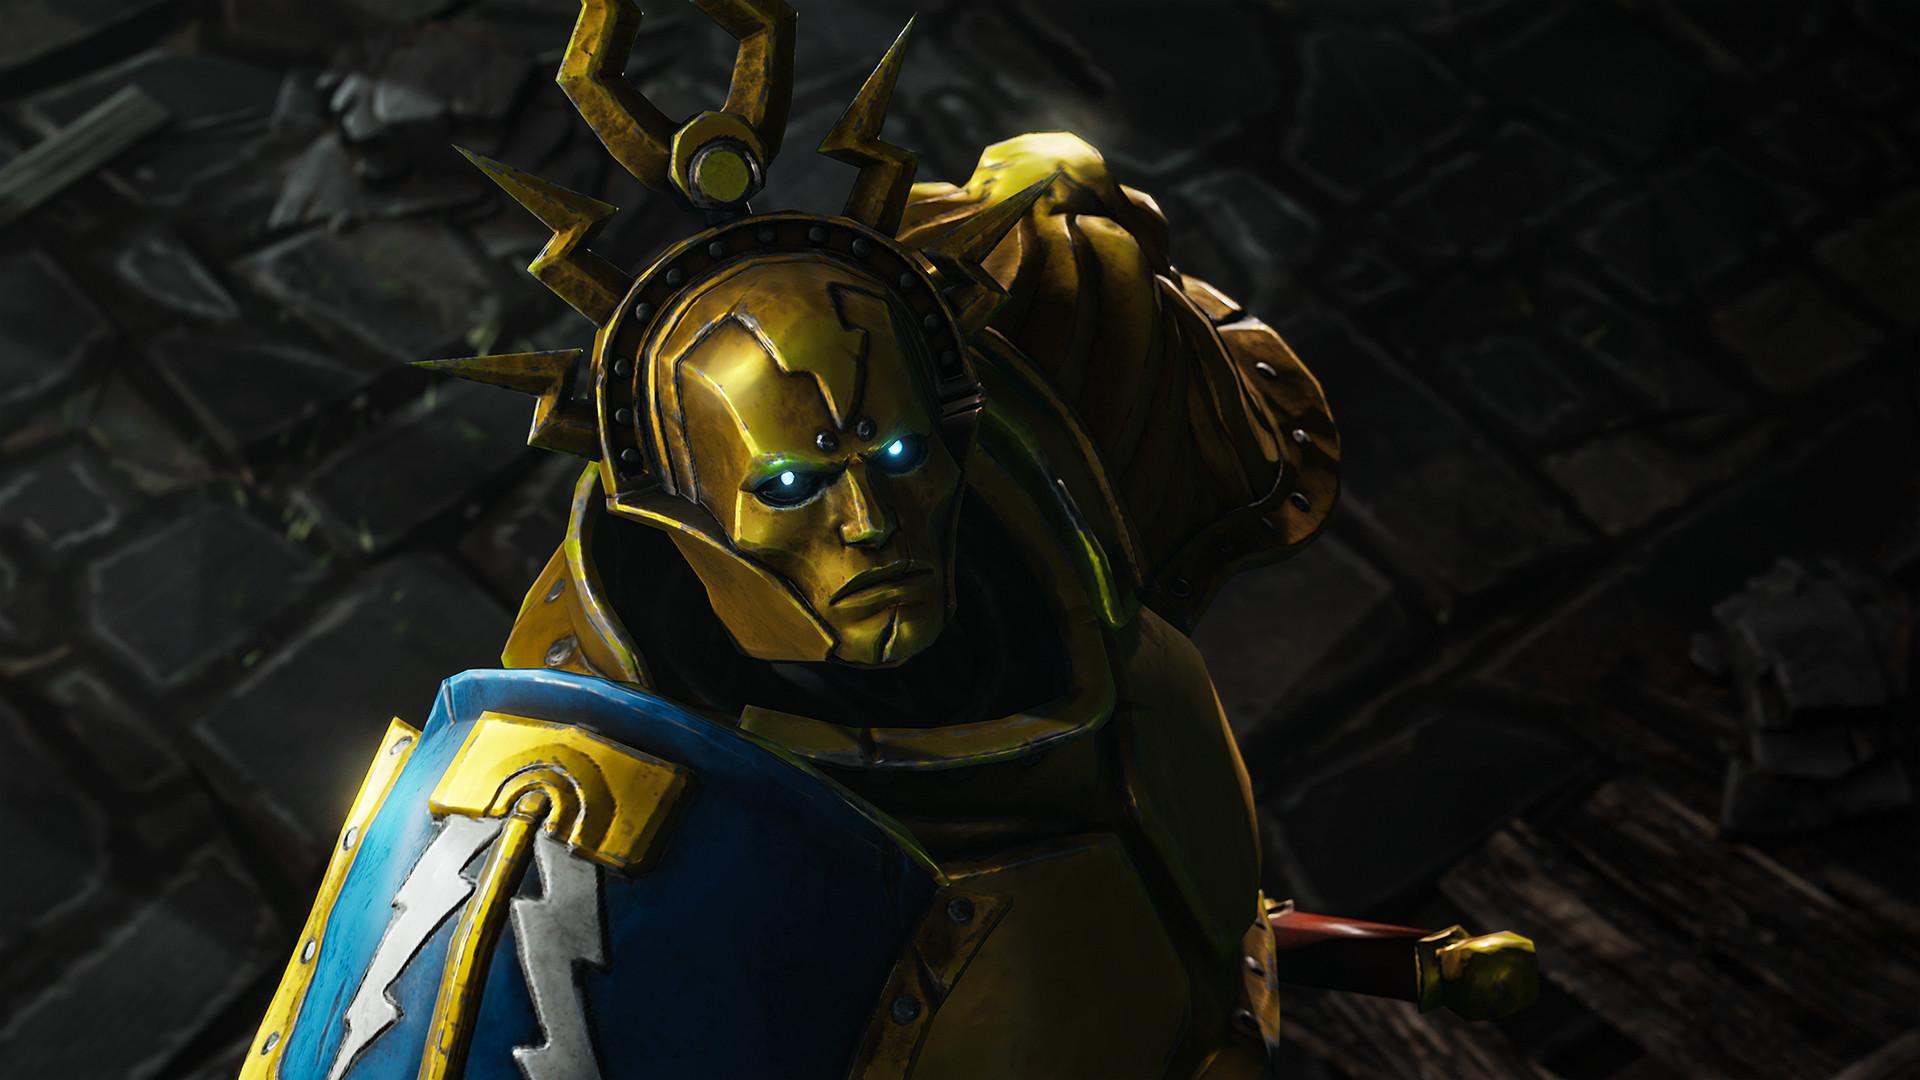 战锤西格玛时代:风暴之地/Warhammer Age of Sigmar: Storm Ground(+DLC)插图3